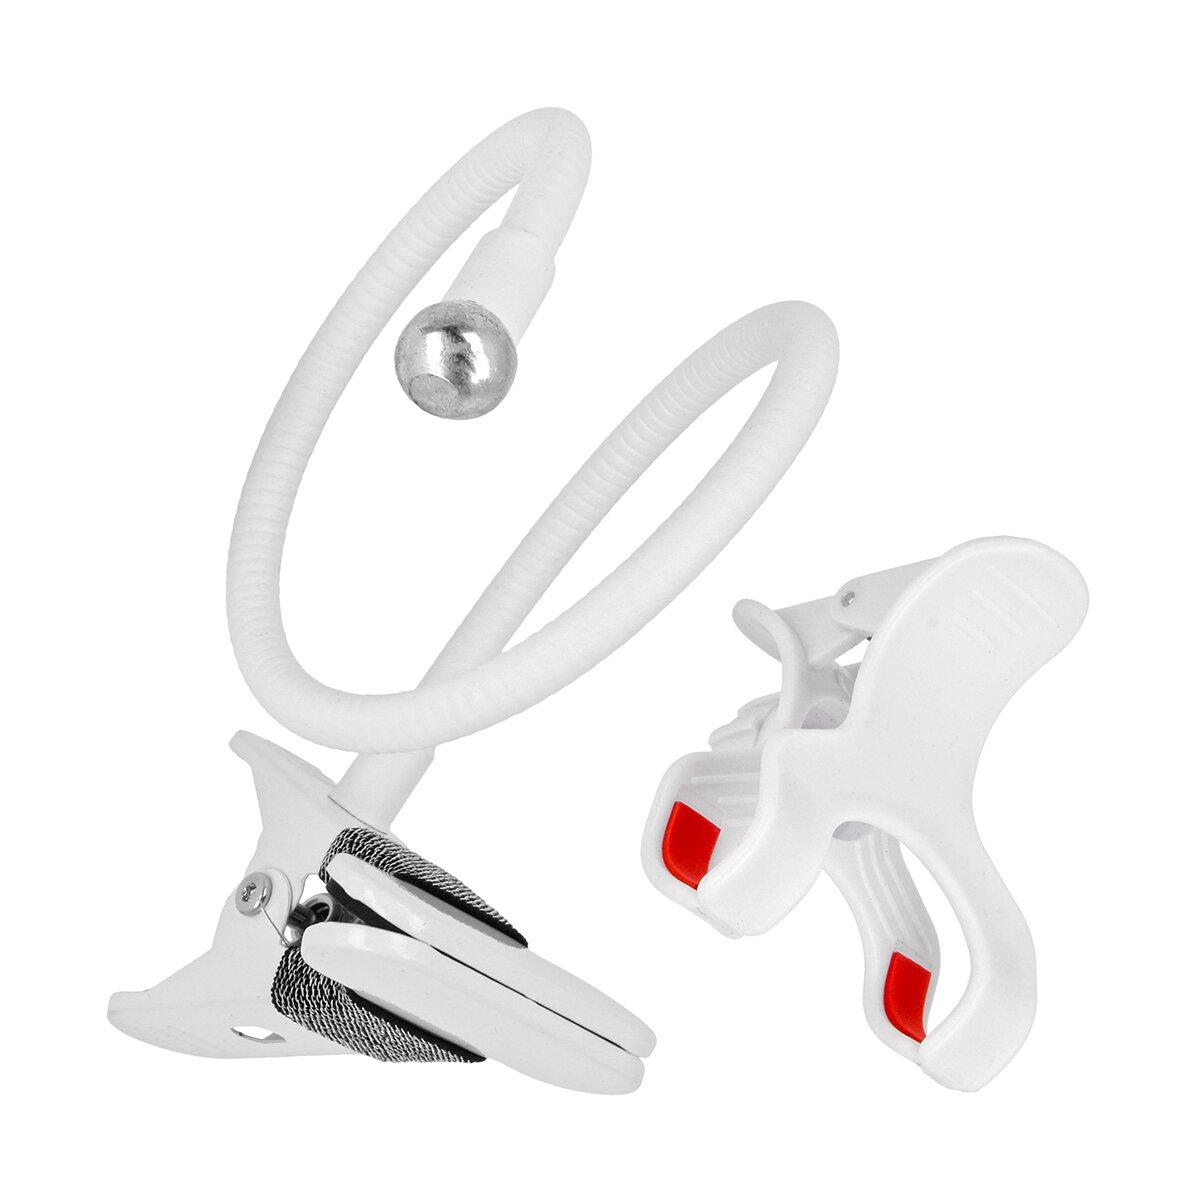 Minadax® Universal Schwanenhals Smartphone Halterung starke Klemmen flexibel einstellbar mit 360° Kugelkopf